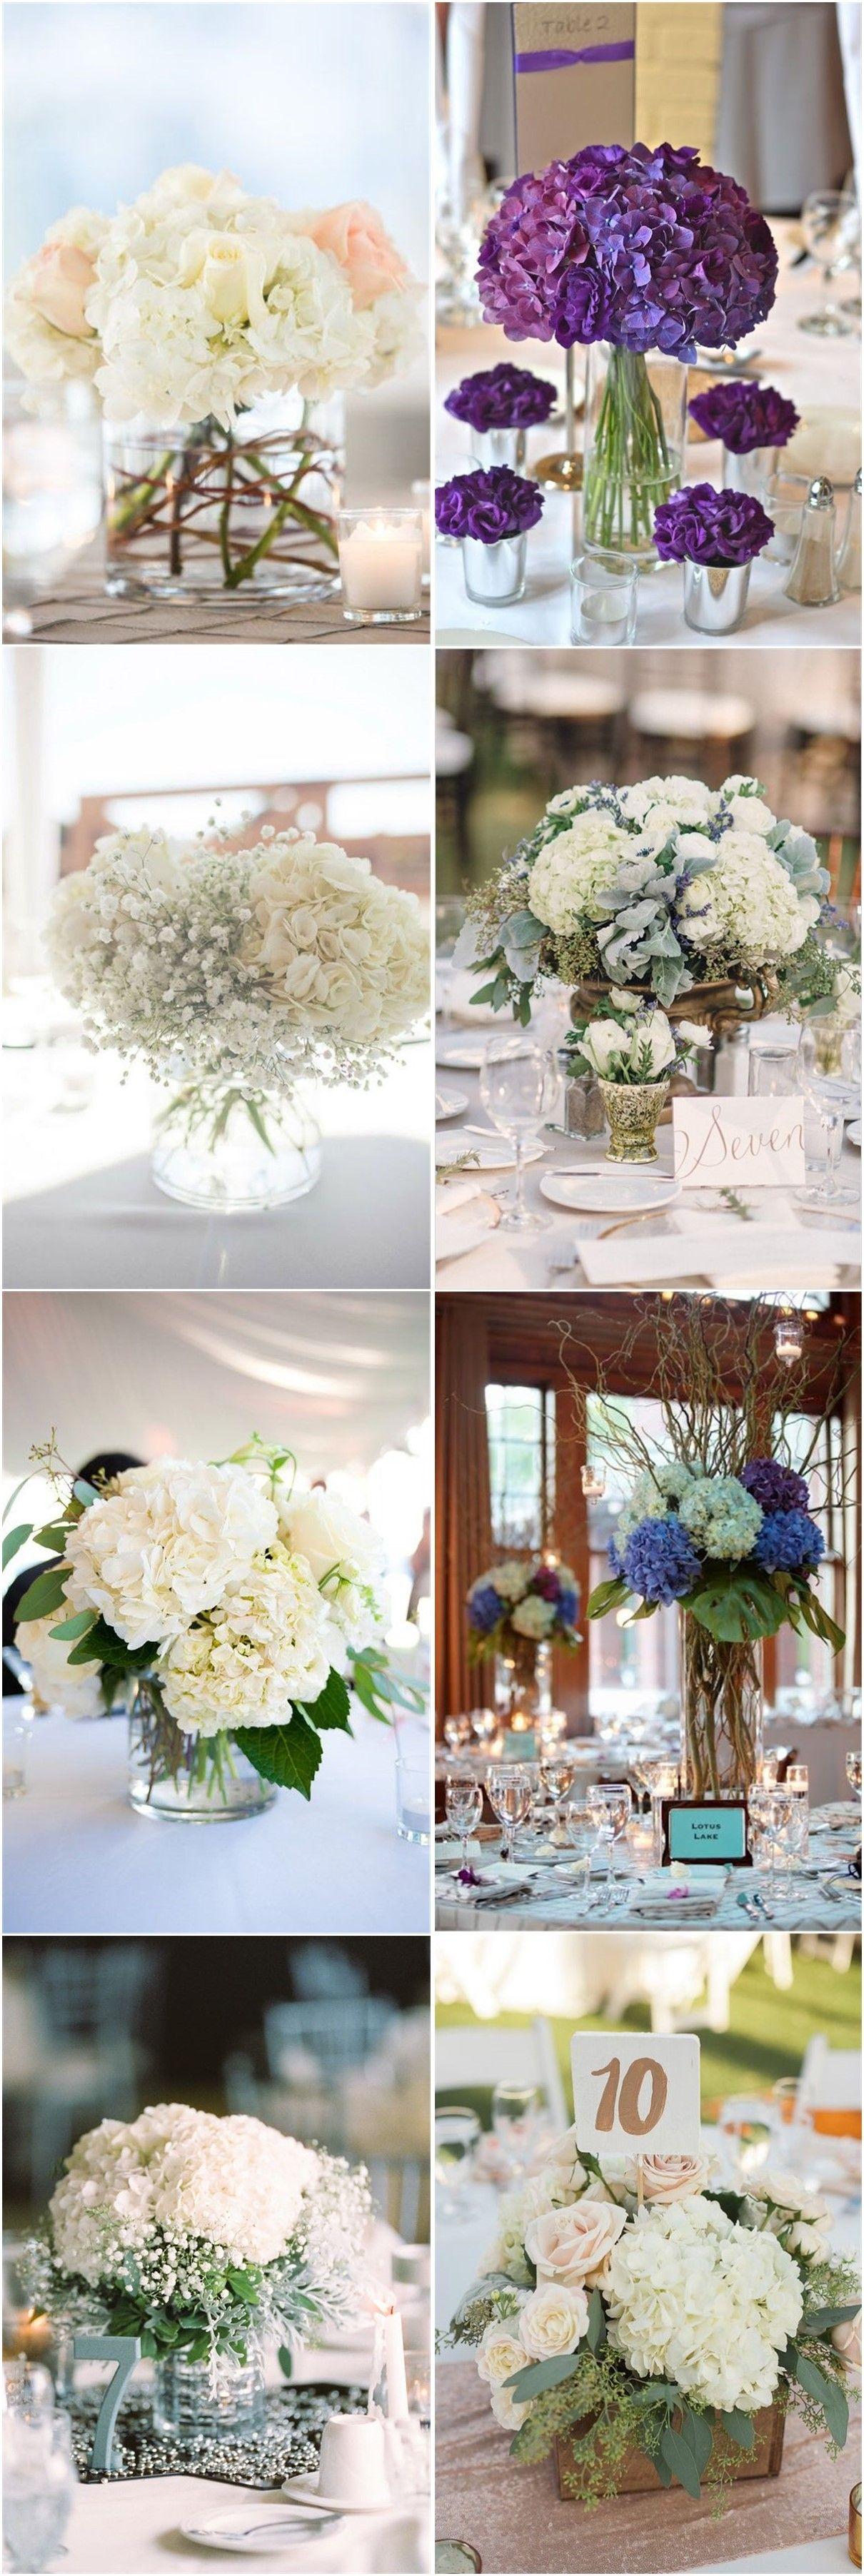 21 Simple Yet Rustic DIY Hydrangea Wedding Centerpieces Ideas ...